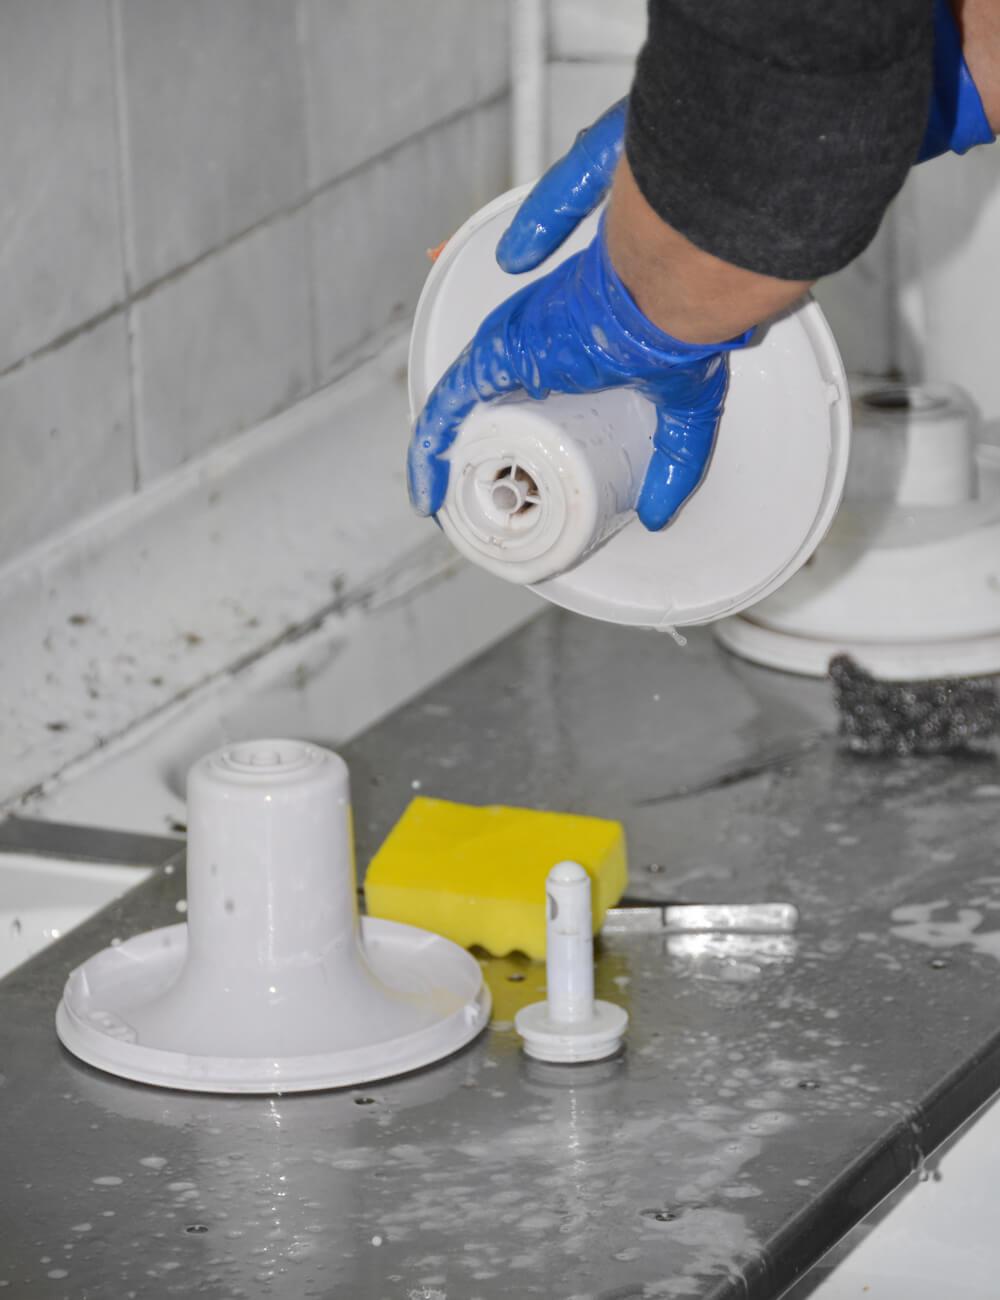 Процесс санобработки кулера